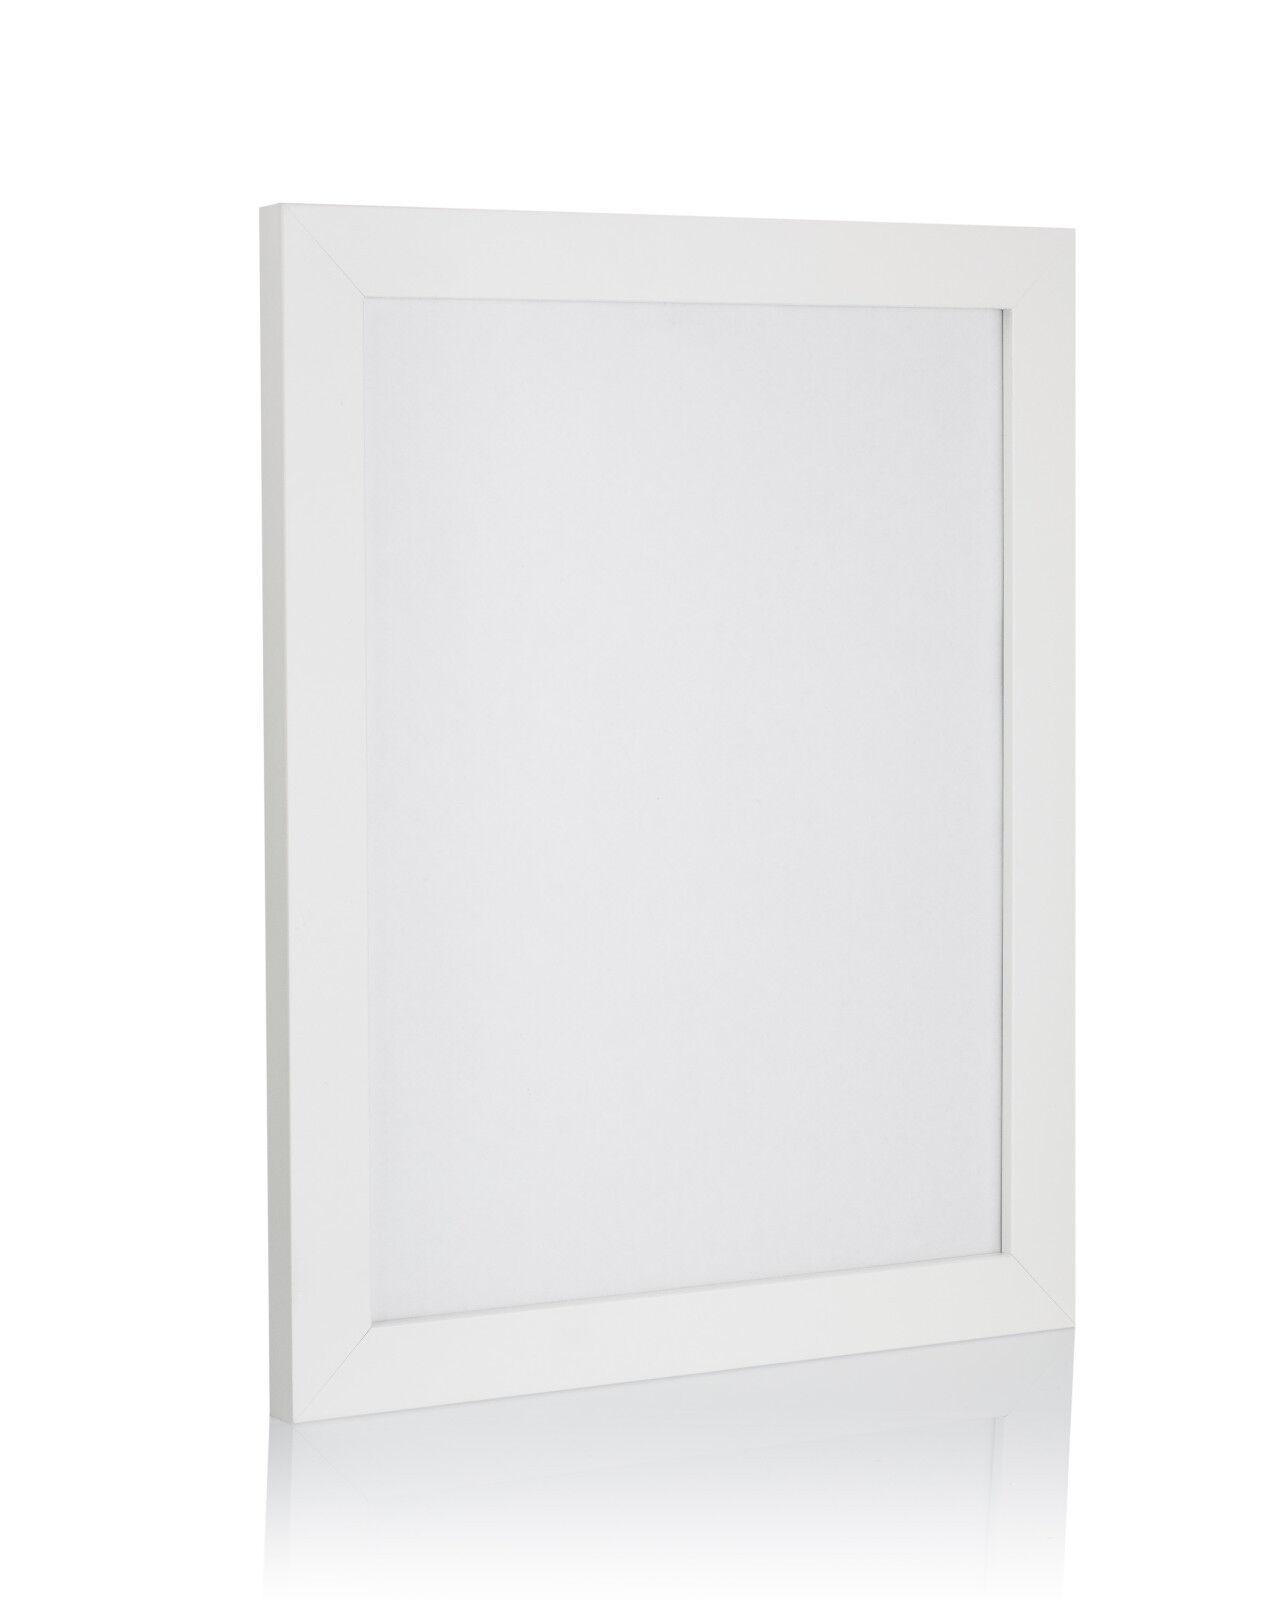 A1 A2 A3+ A4 de nombreuses Grandes Tailles Blanc Photo Photo Blanc Poster cadres Home Decor À faire soi-même 89abbf